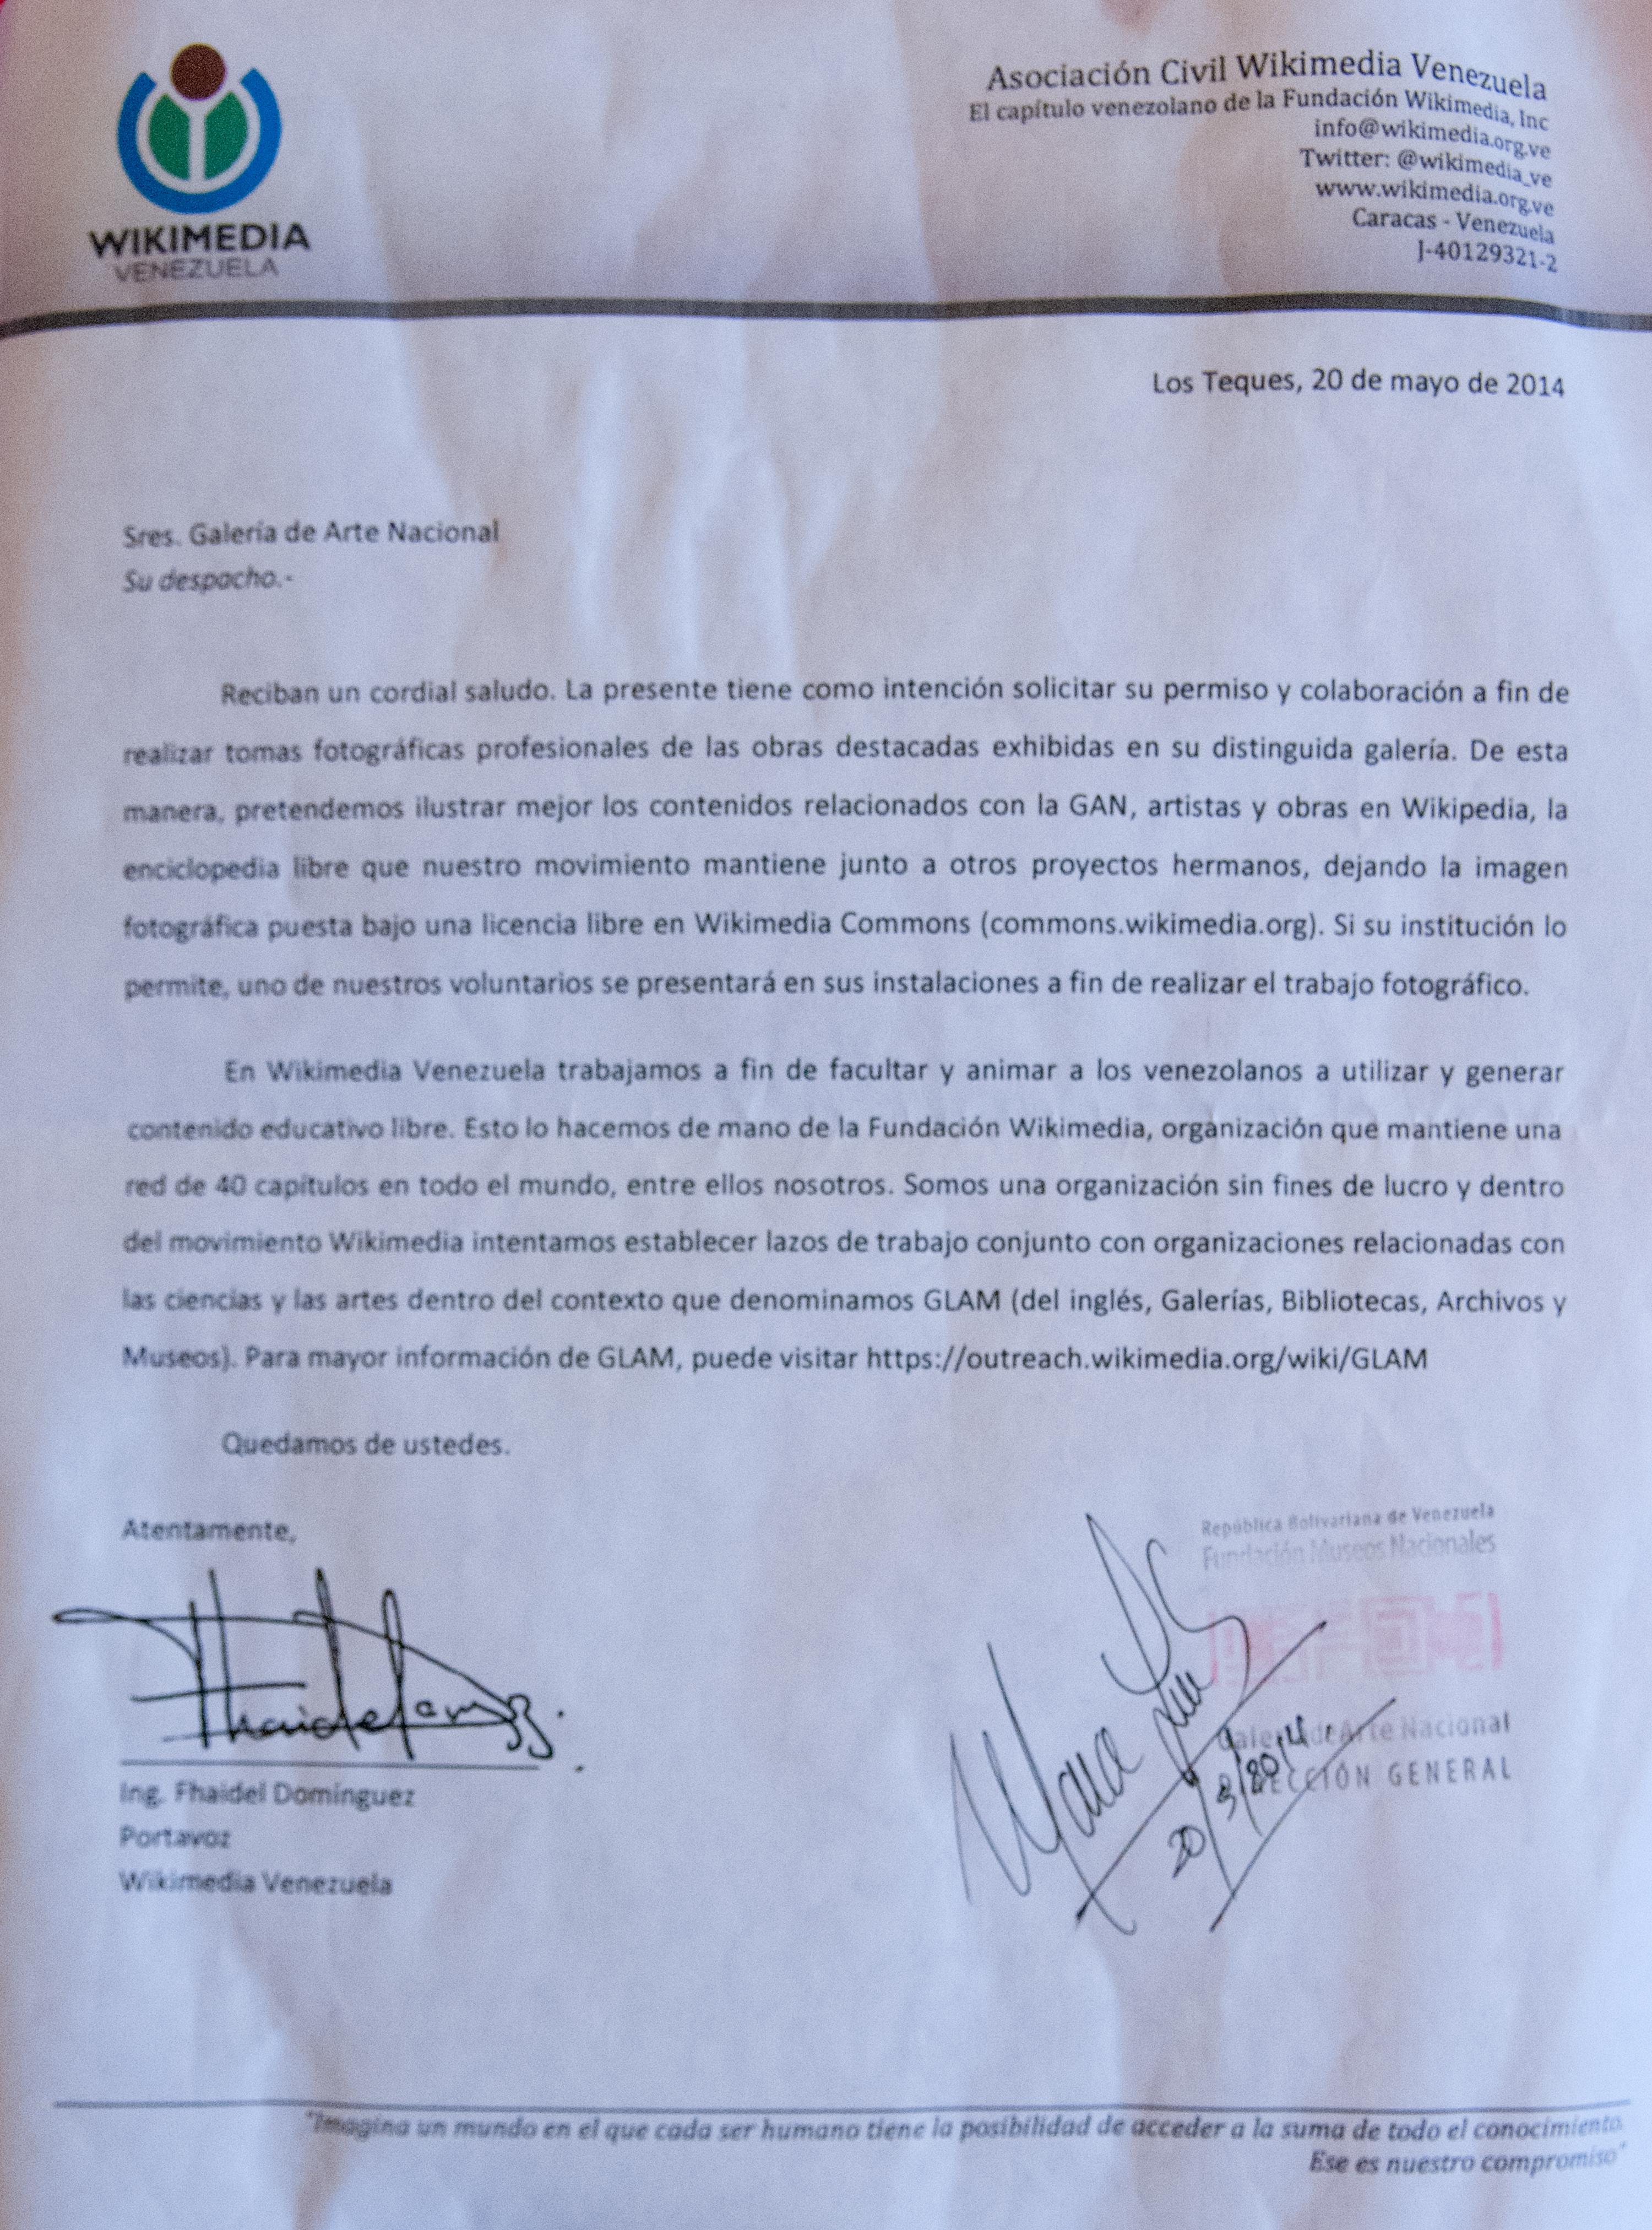 Filecarta De Permiso Para Realizar Fotografas Profesionales Clock Pulse Generator With Cd4049 Wikimedia Venezuela A La Galera